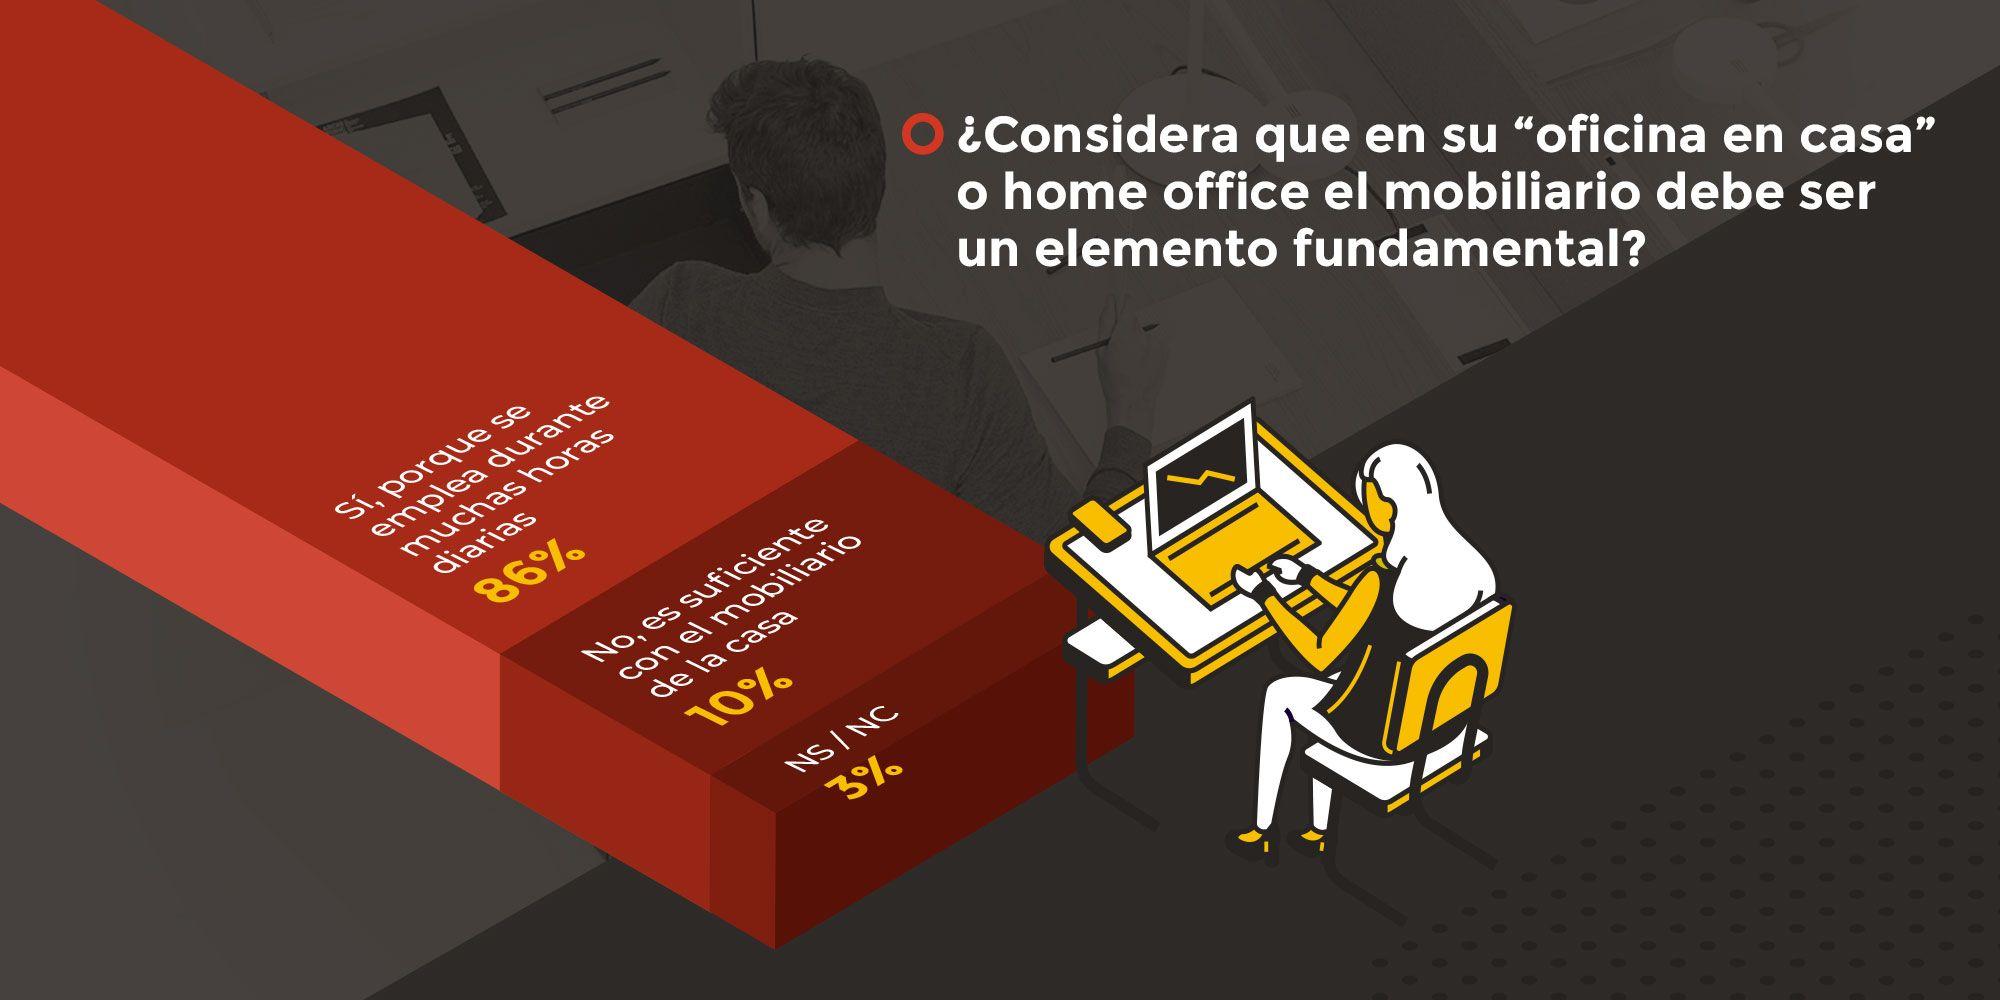 El 86% de los españoles considera que el mobiliario debe ser un elemento fundamental para el teletrabajo, en plena segunda ola del COVID-19